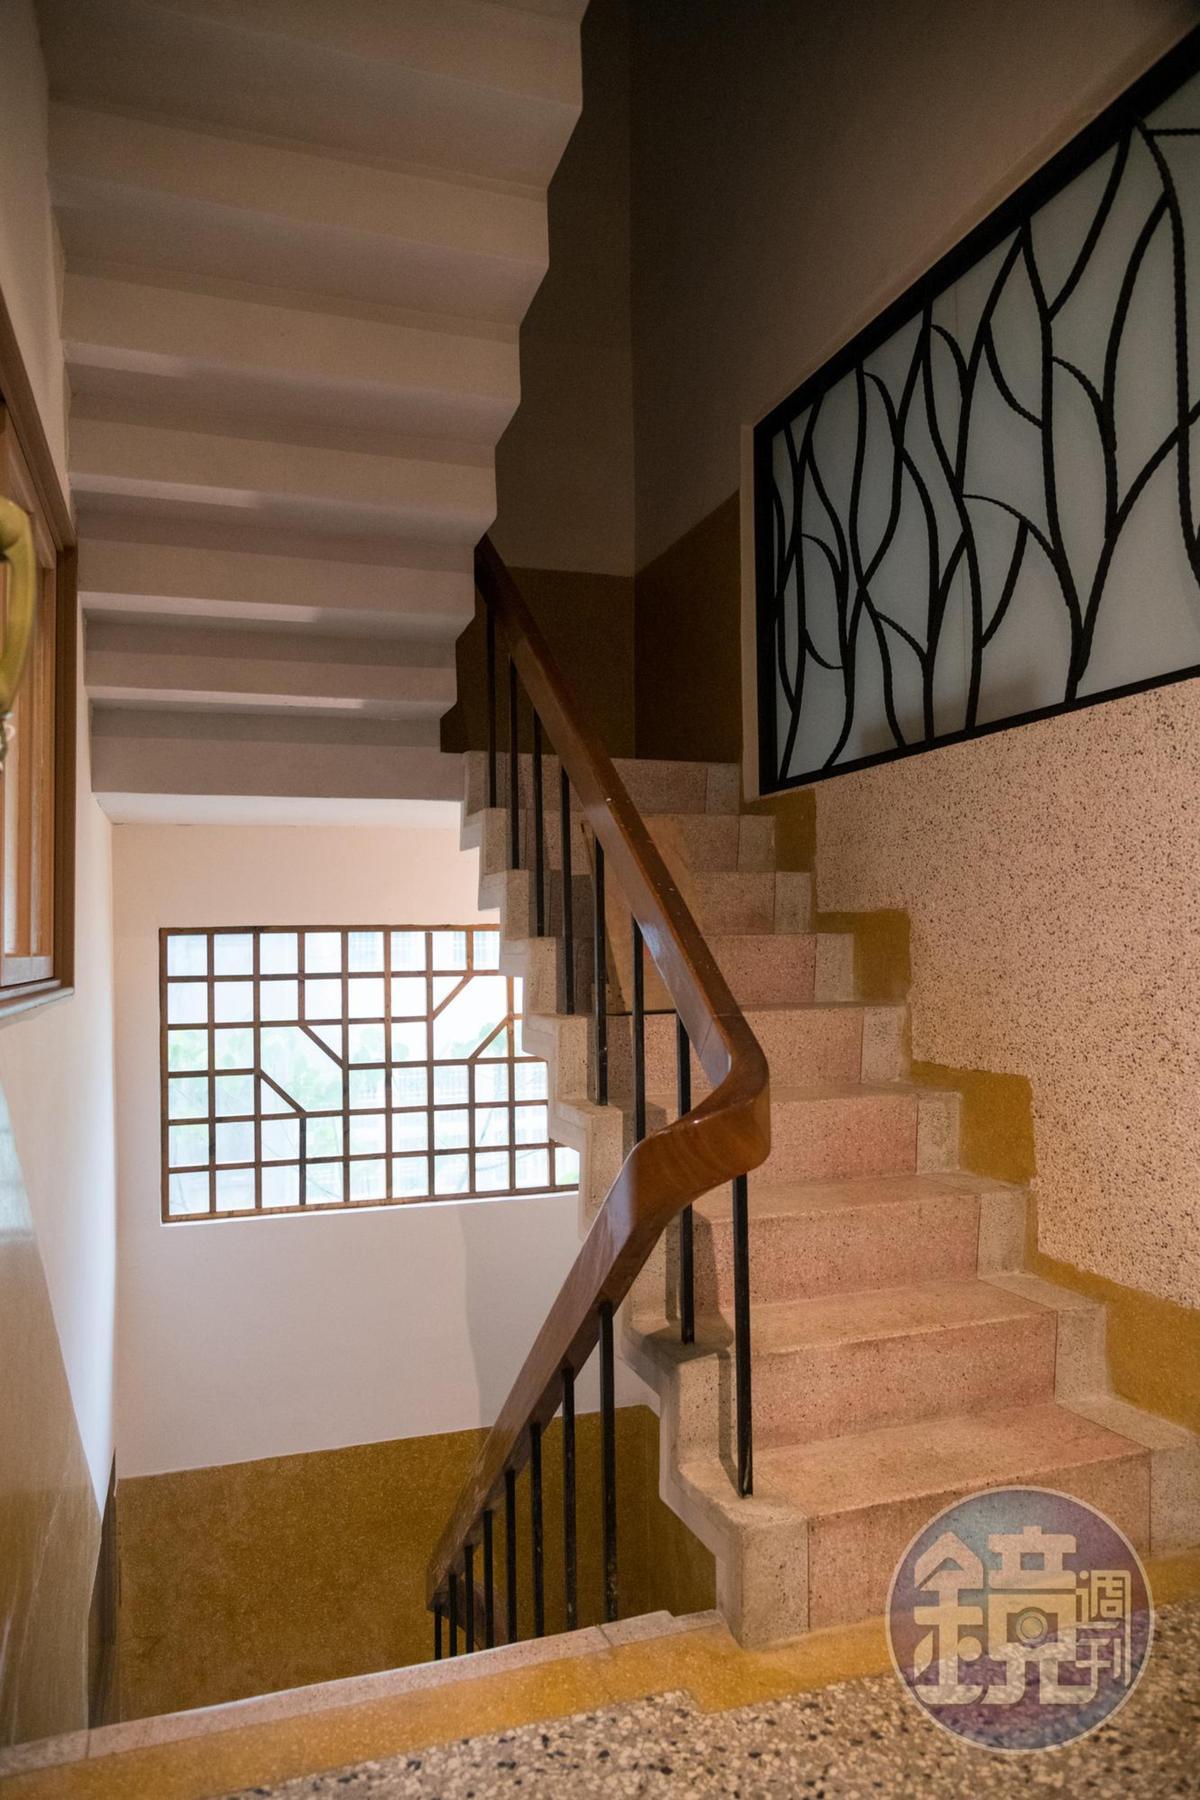 洗石子樓梯和梯窗框住舊時空。